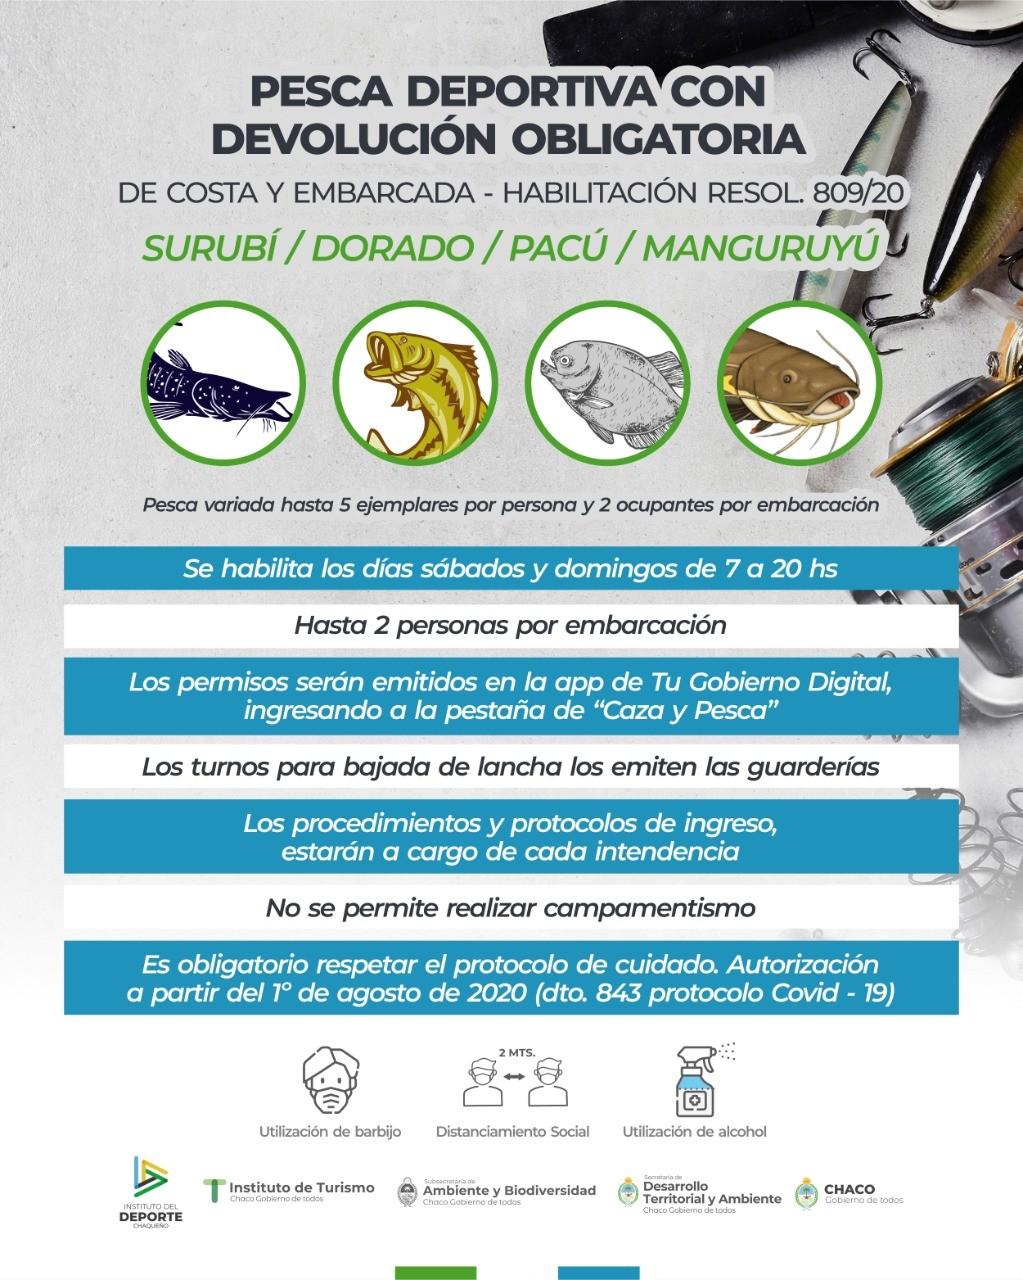 Chaco: SE HABILITÓ LA PESCA DEPORTIVA CON DEVOLUCIÓN DE EMBARCACIÓN Y COSTA Y A PARTIR DEL 1 DE AGOSTO SE OTORGARÁN LOS PERMISOS